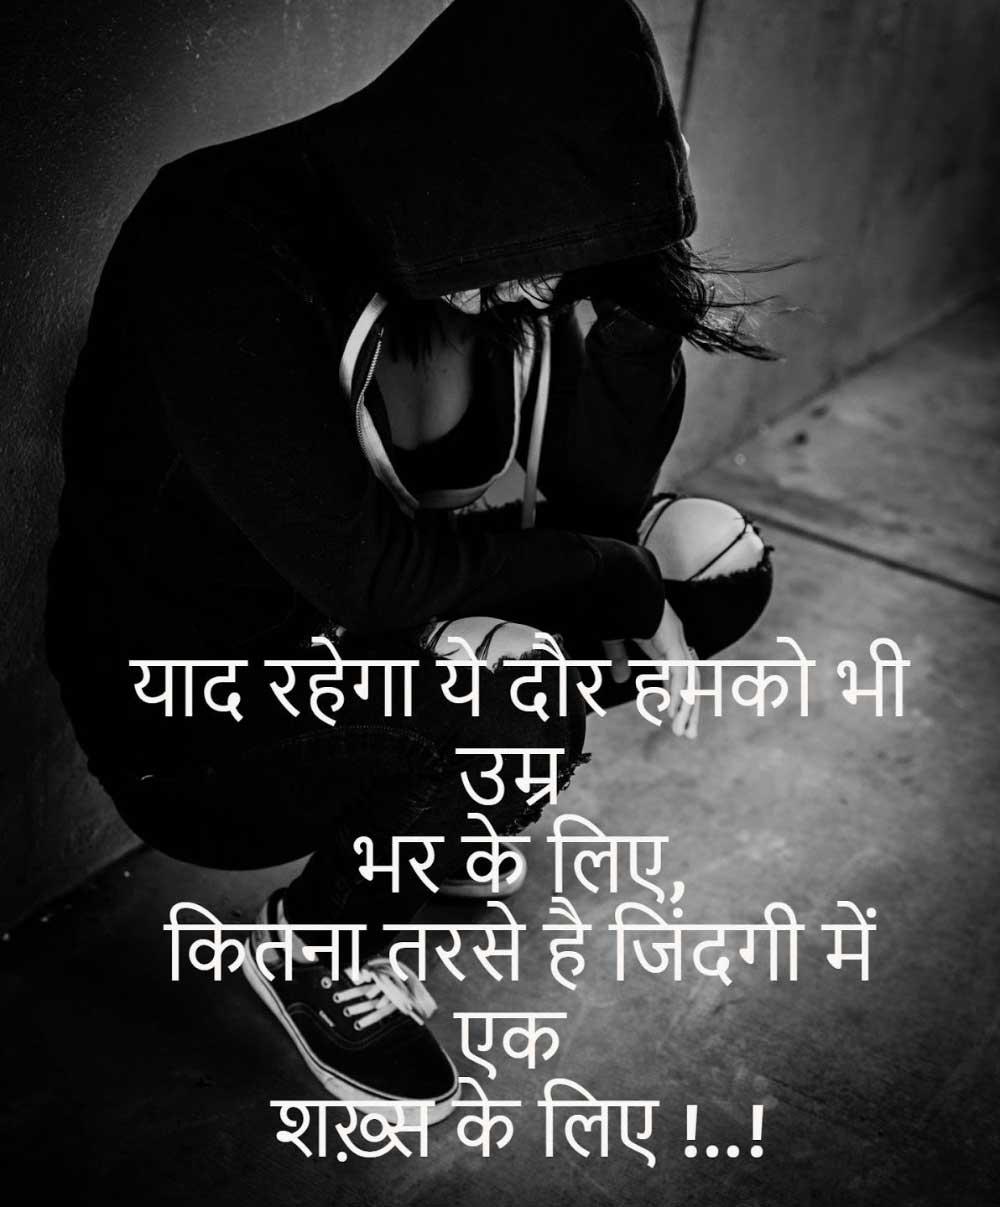 Hindi Quotes Whatsapp DP Free Hd Photo